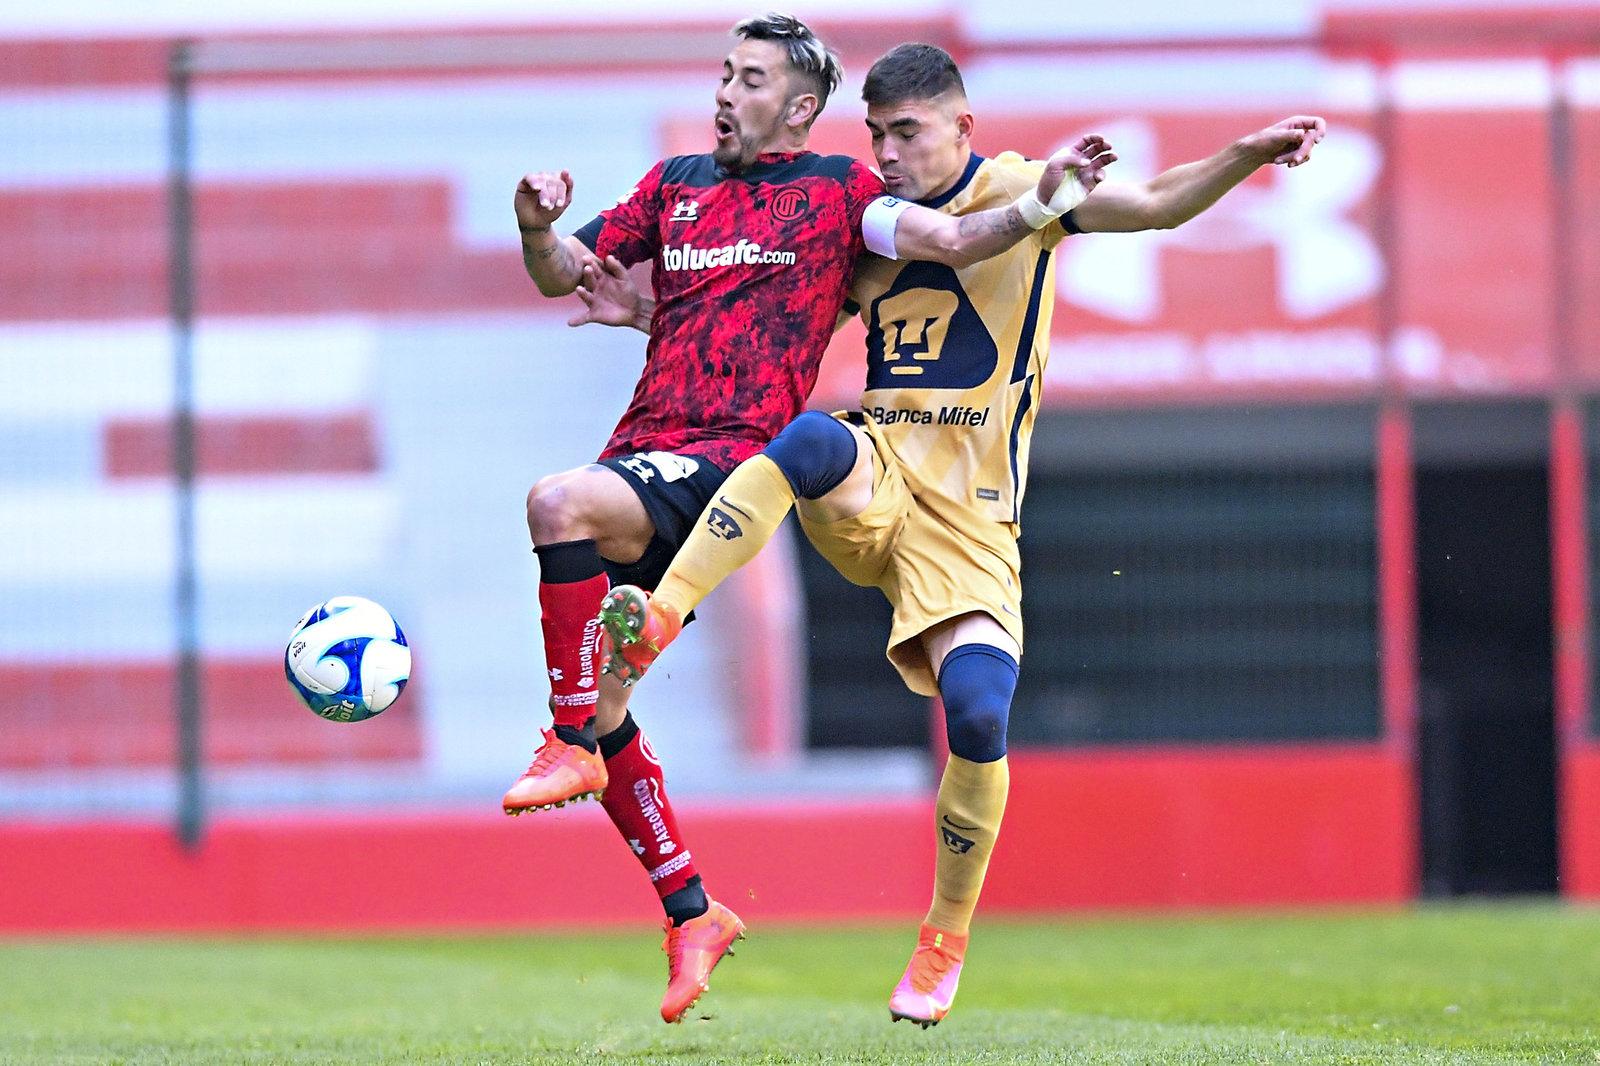 Apretado triunfo de Toluca ante Pumas